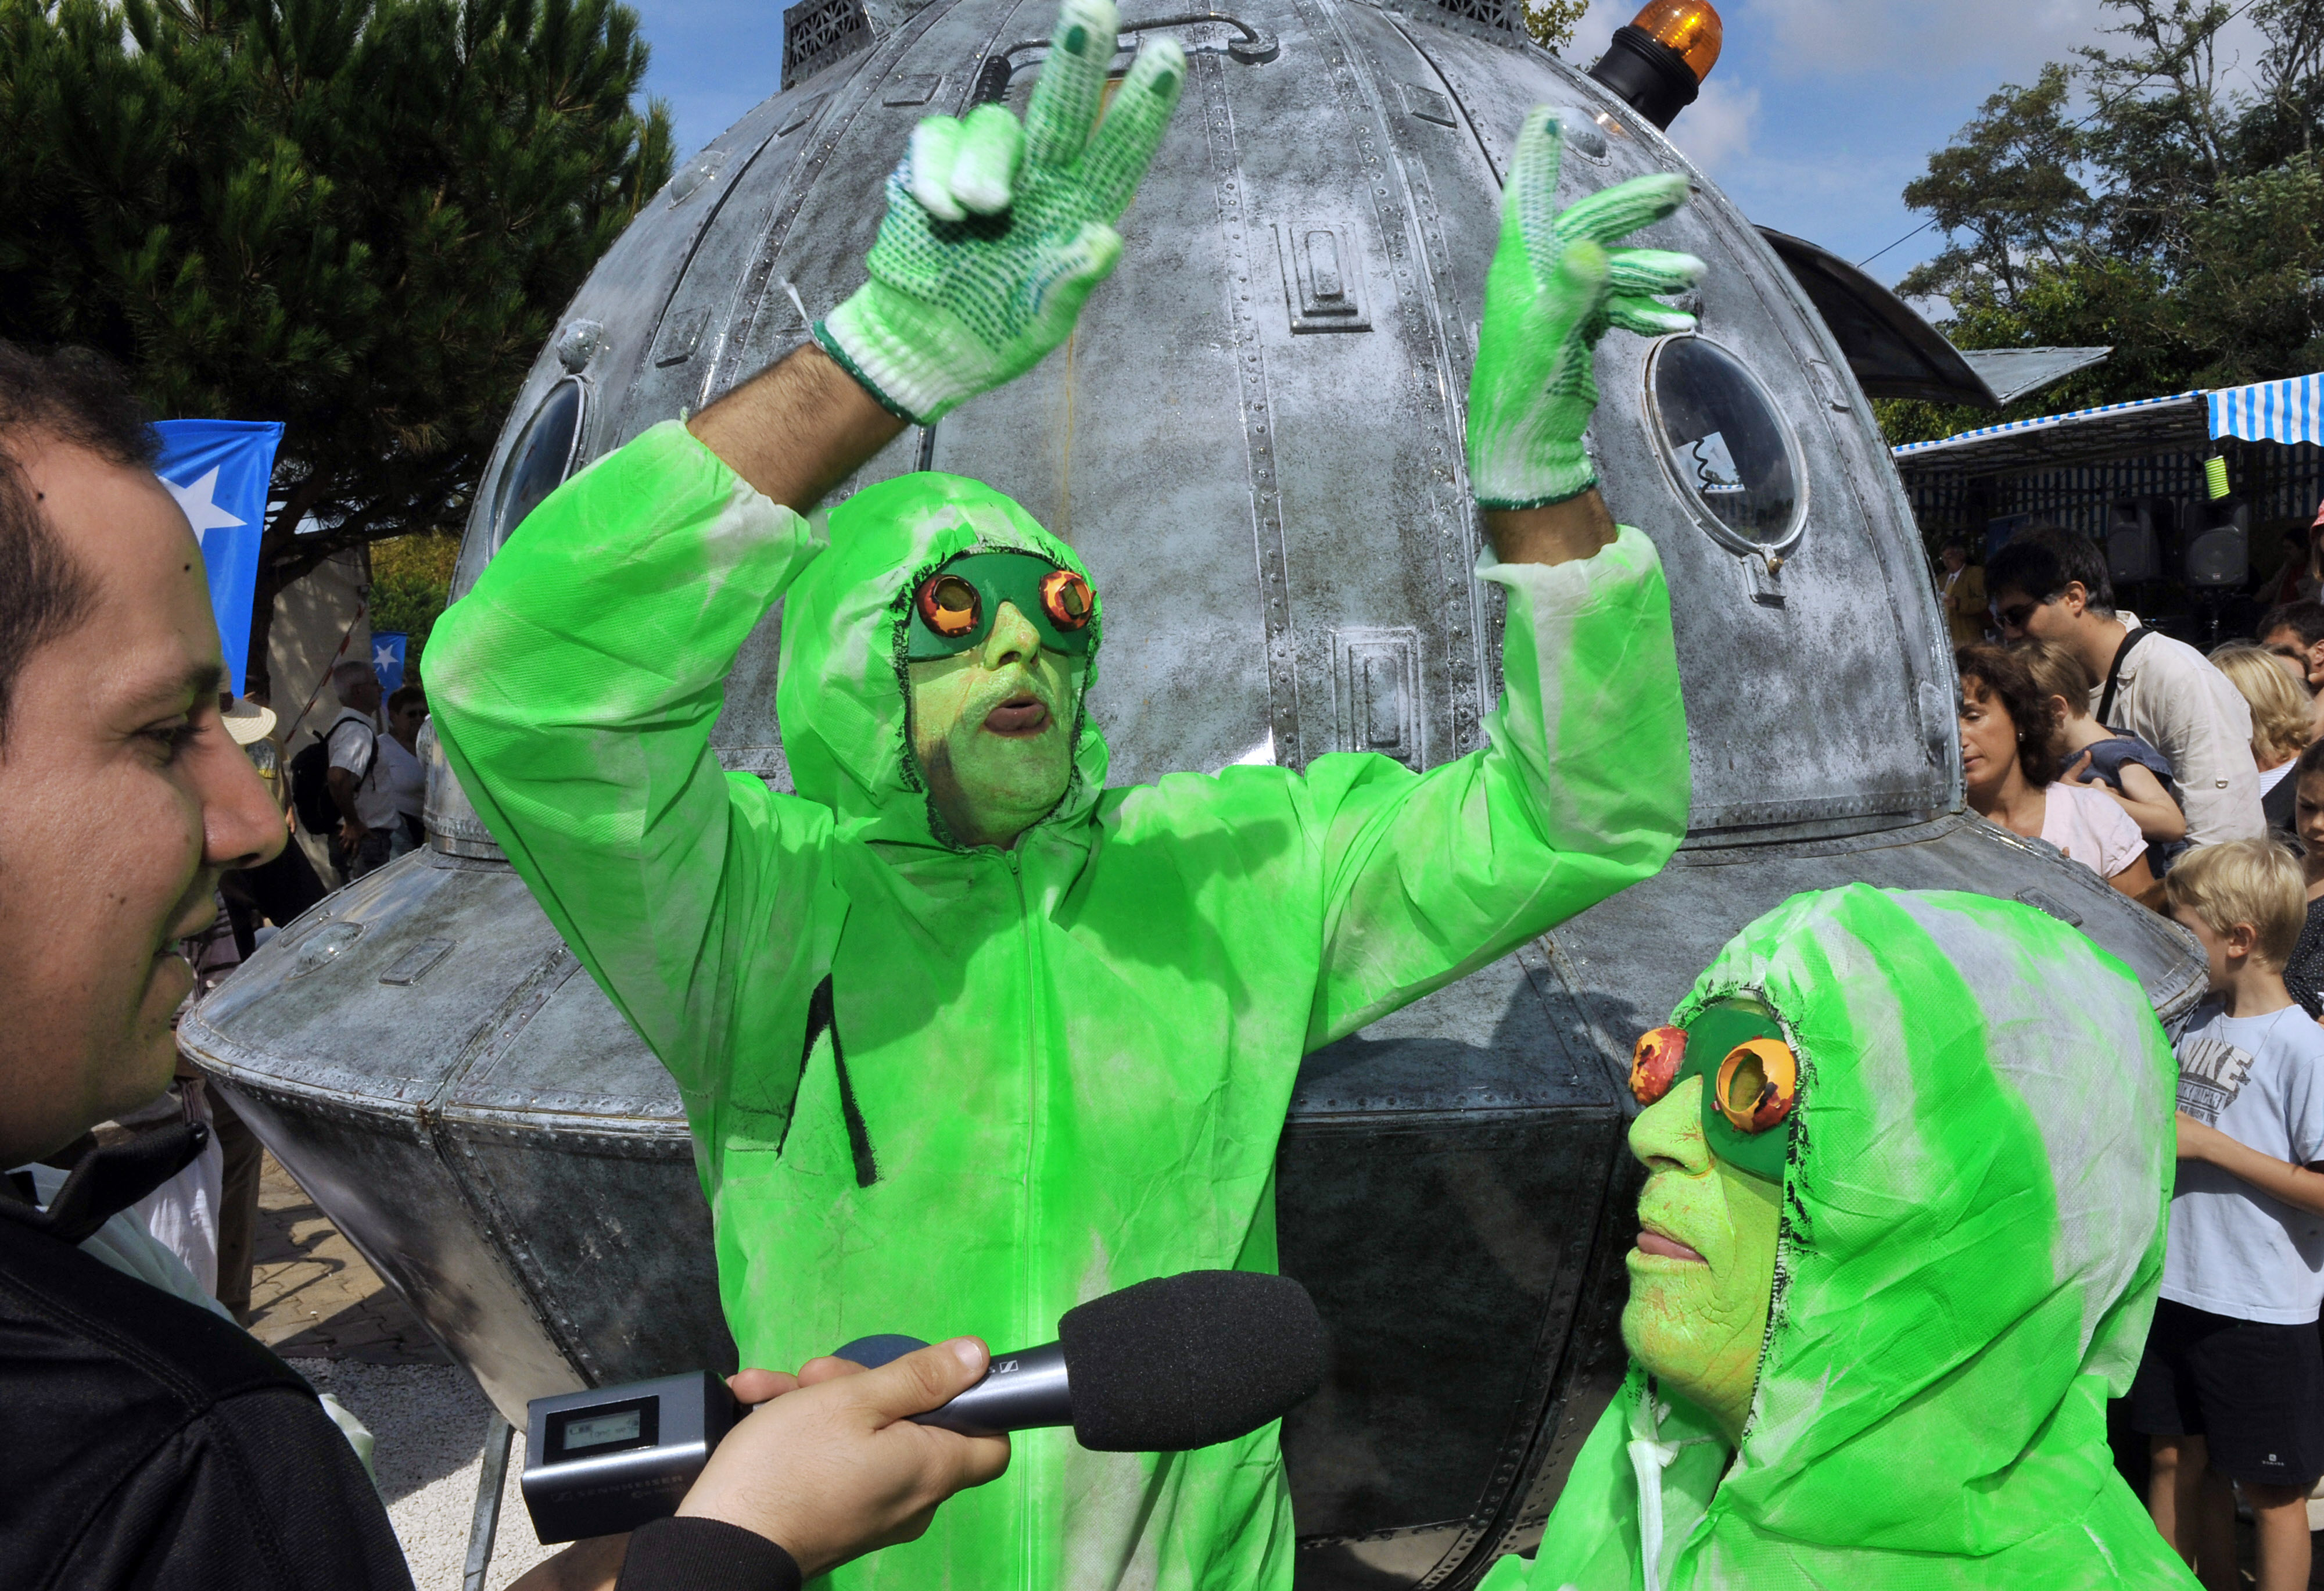 Parlamentari extraterrestri: un'interrogazione al governo sugli UFO